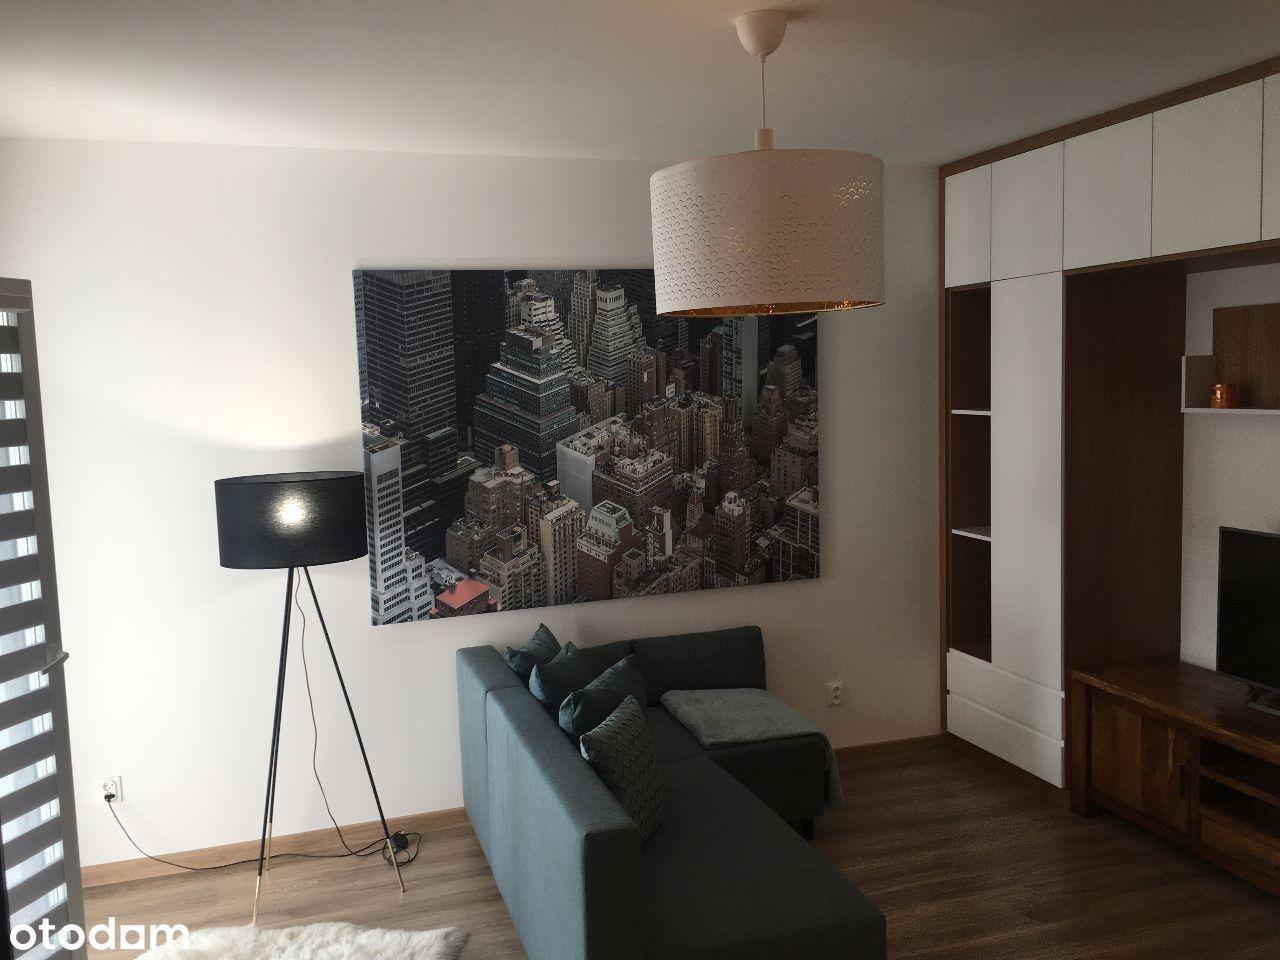 Mieszkanie jednopokojowe Bydgoszcz Activ Park